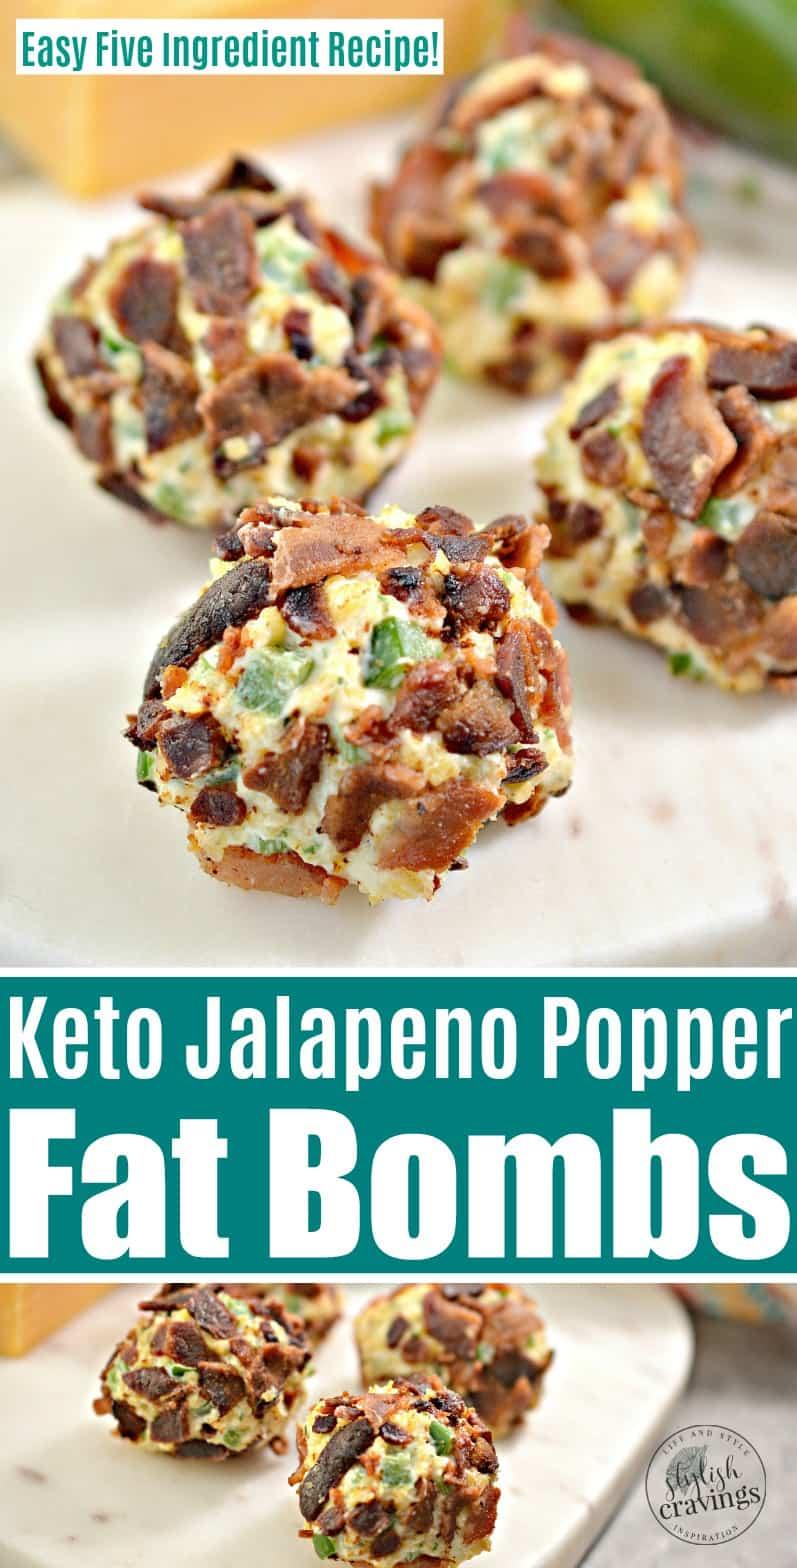 Keto Jalapeno Popper Fat Bombs